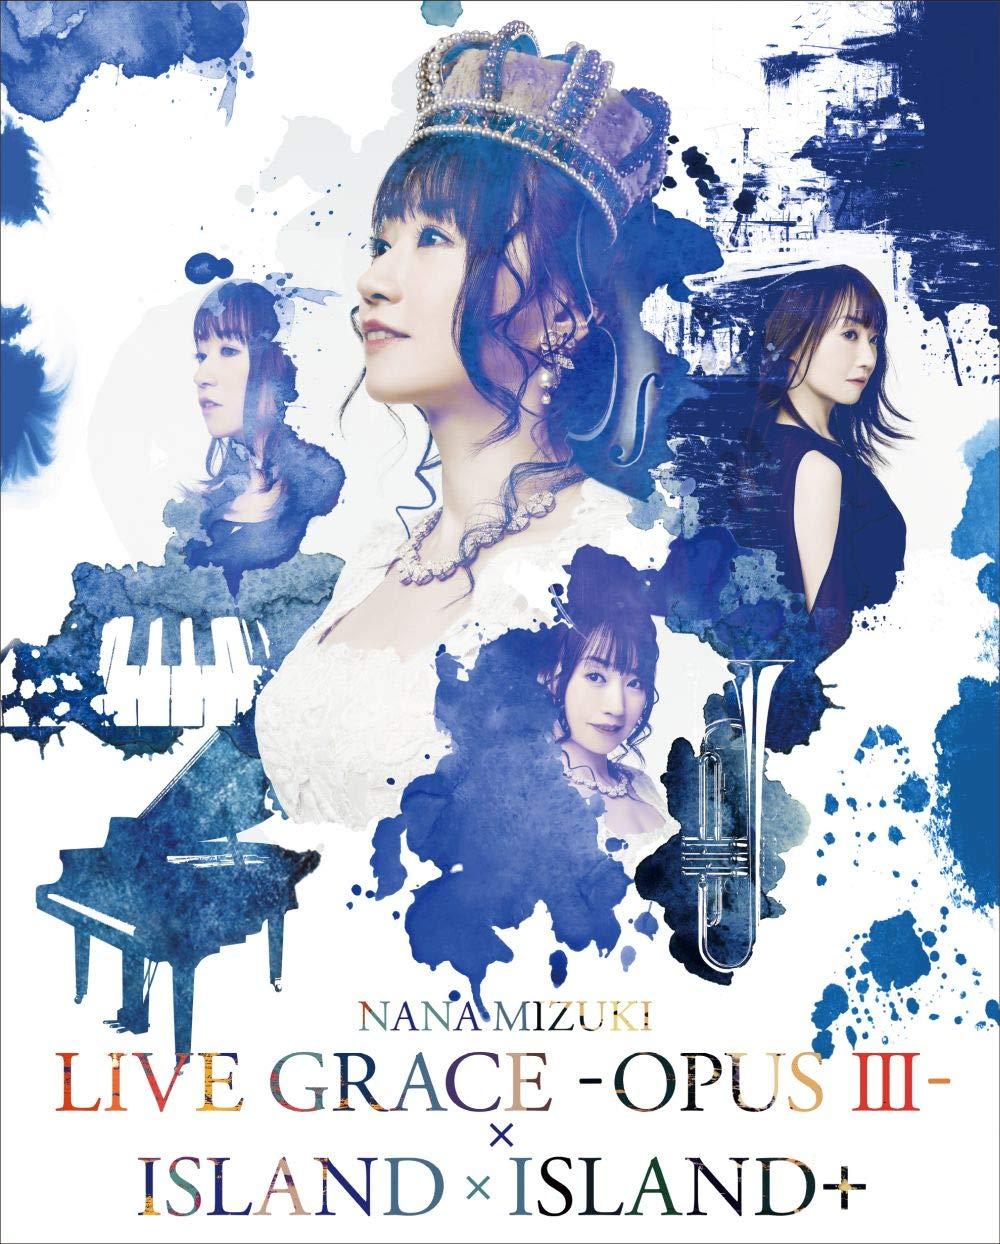 水樹奈々 (Nana Mizuki) – NANA MIZUKI LIVE GRACE -OPUS III- × ISLAND × ISLAND+ [5xBlu-Ray ISO + MKV 1080P] [2019.04.24]